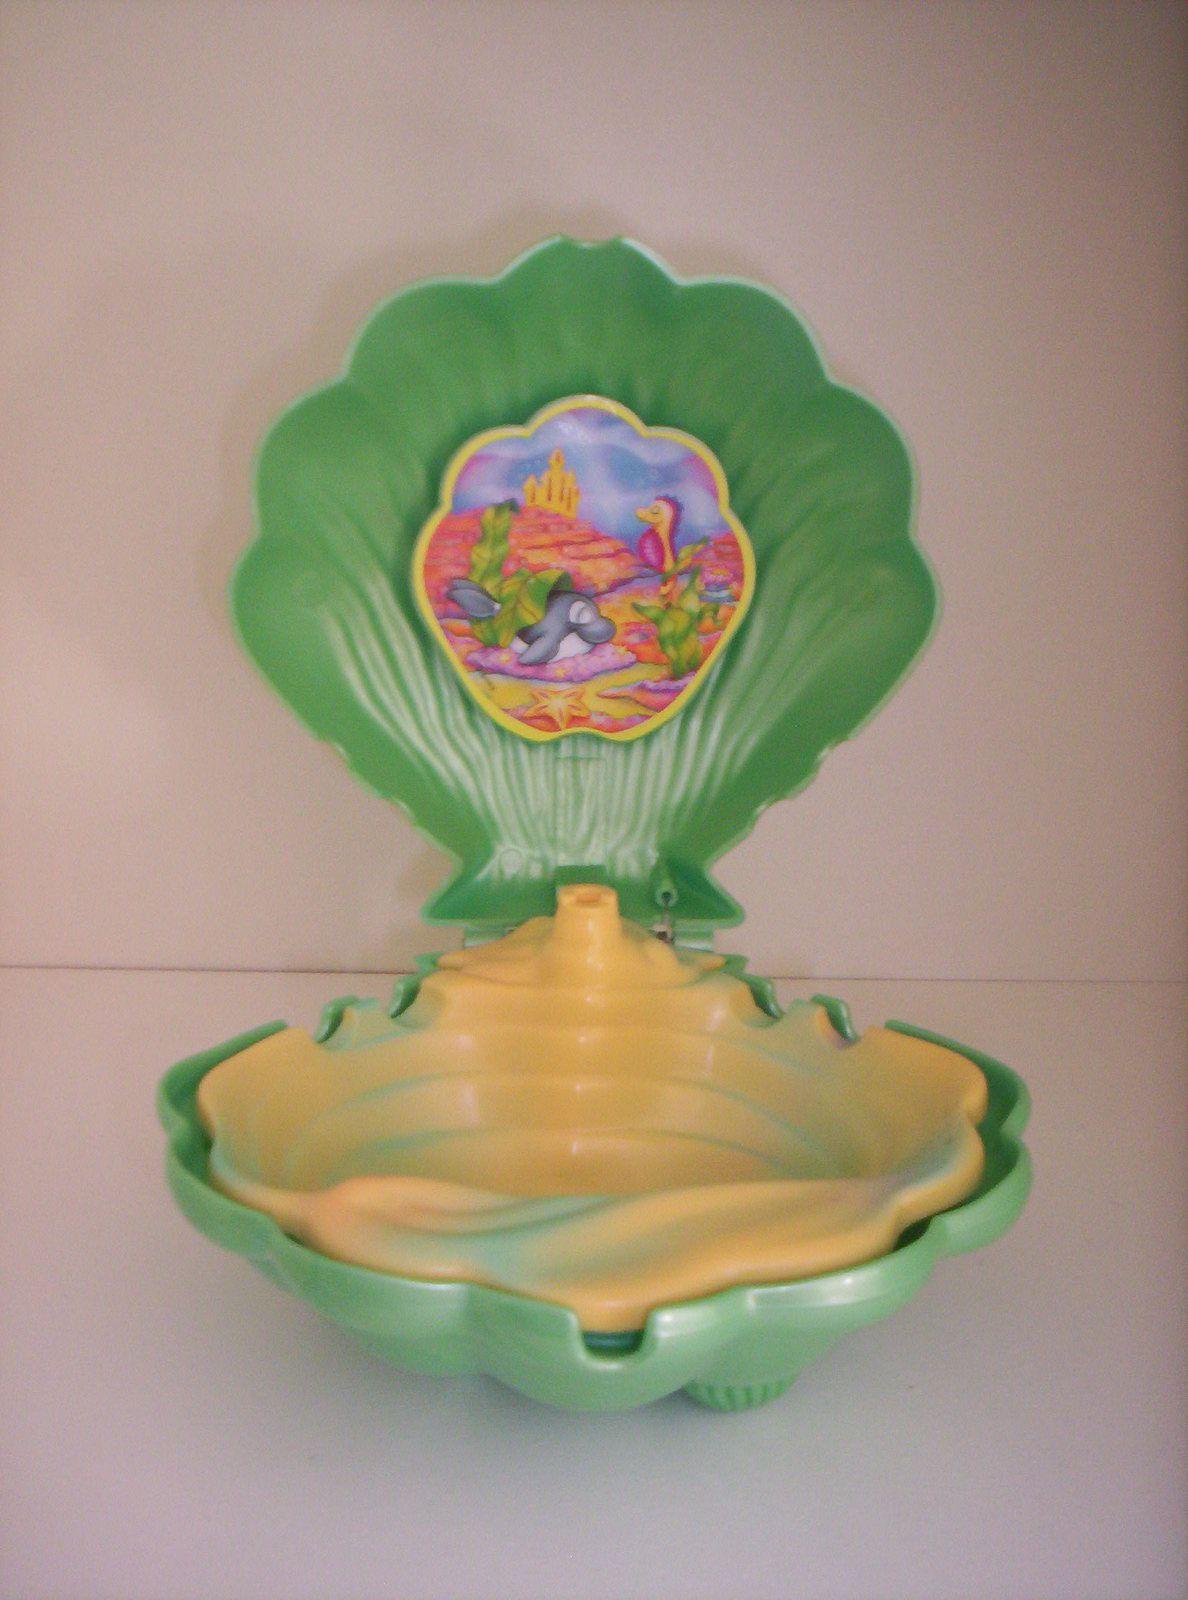 Coquillage vert Disney Ariel.